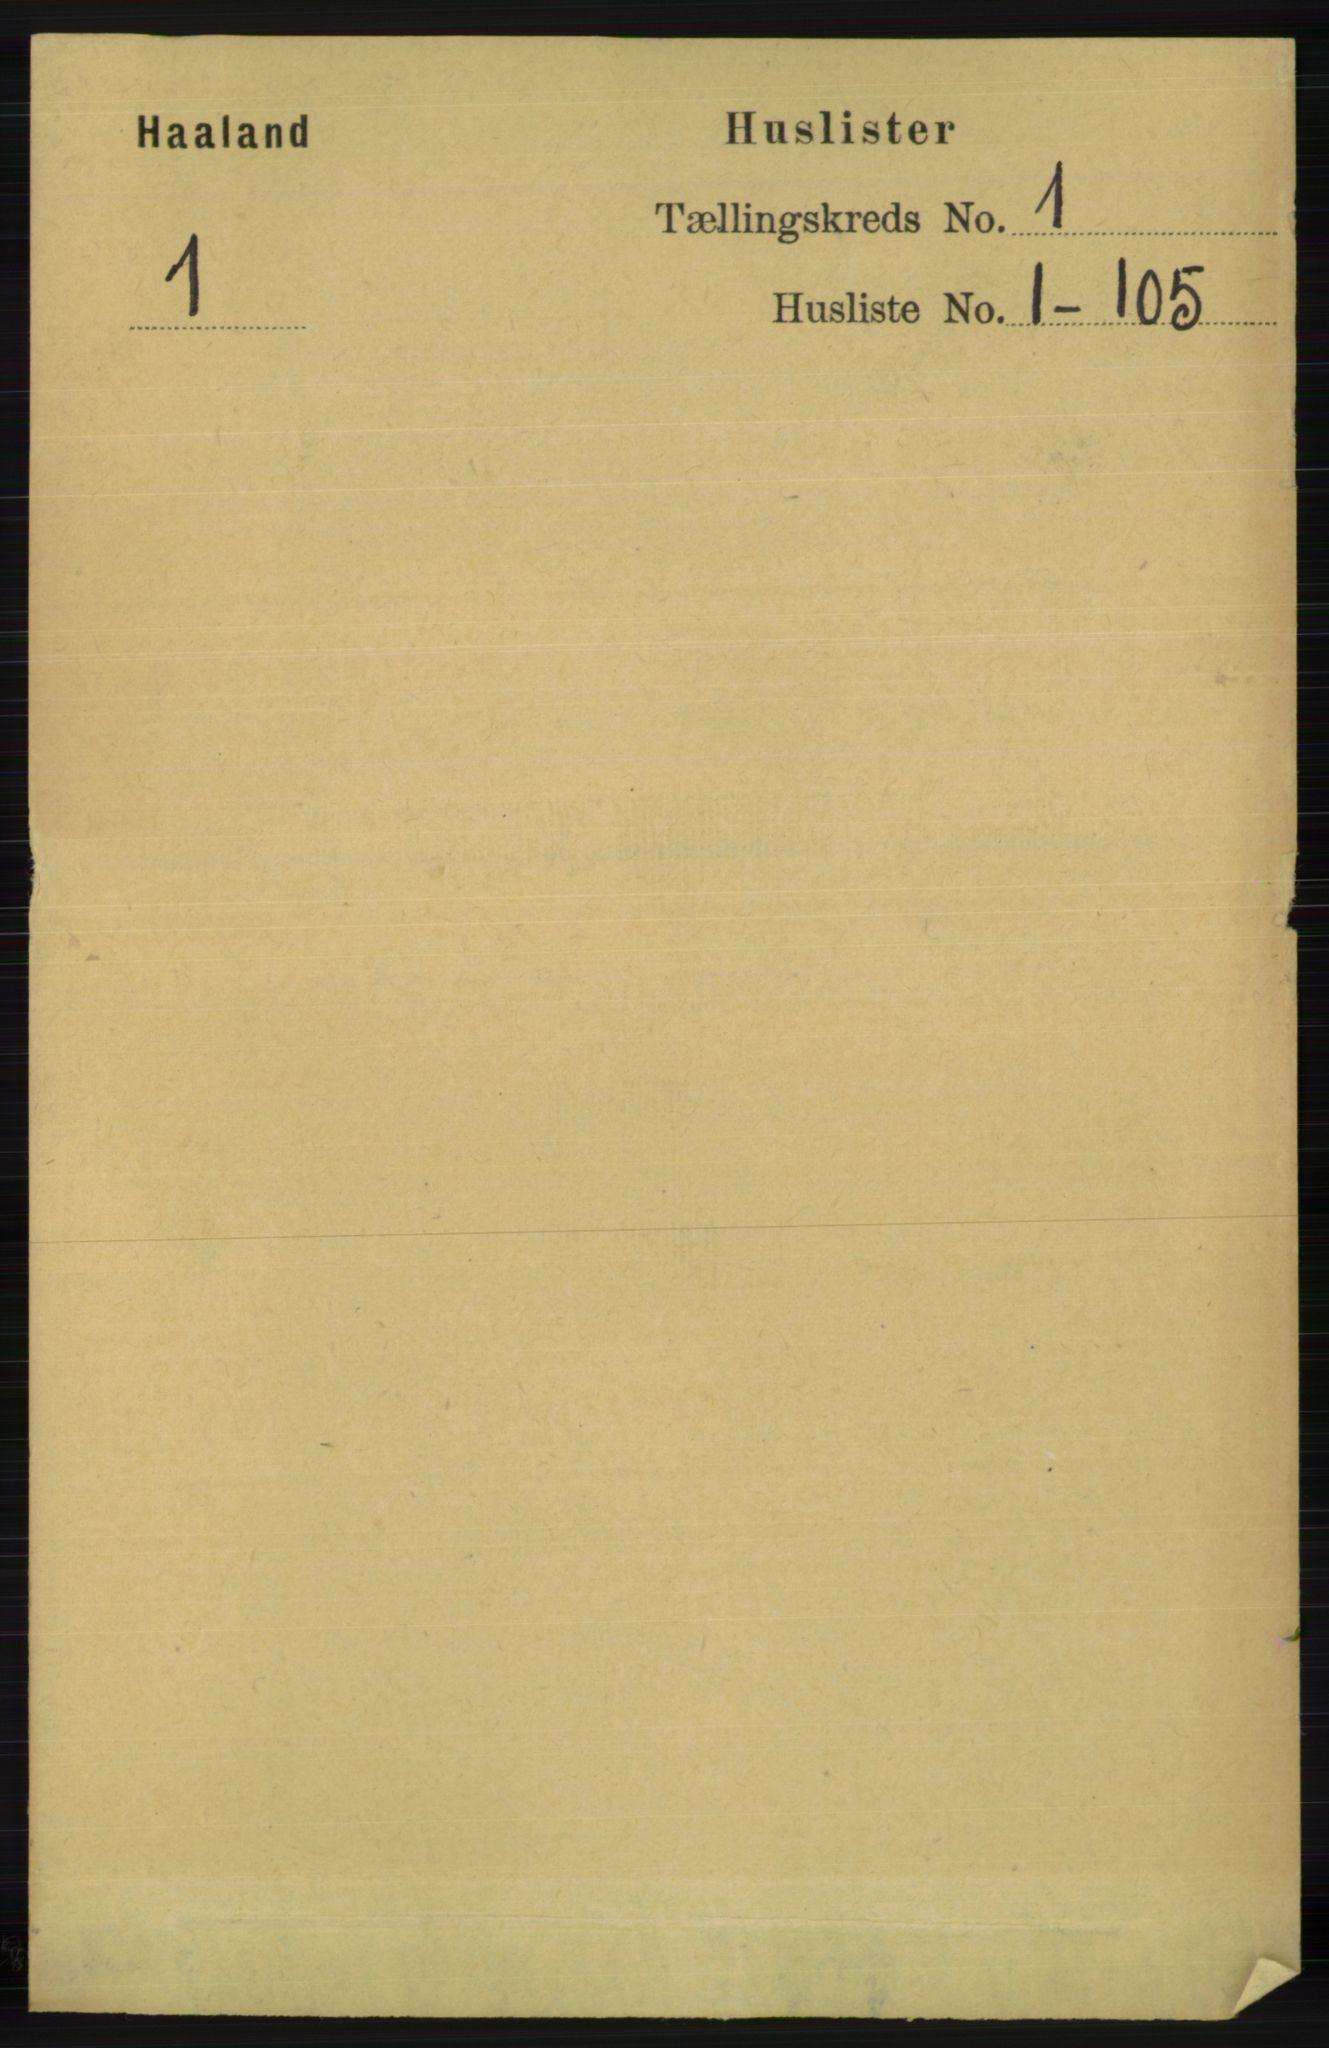 RA, Folketelling 1891 for 1124 Haaland herred, 1891, s. 23